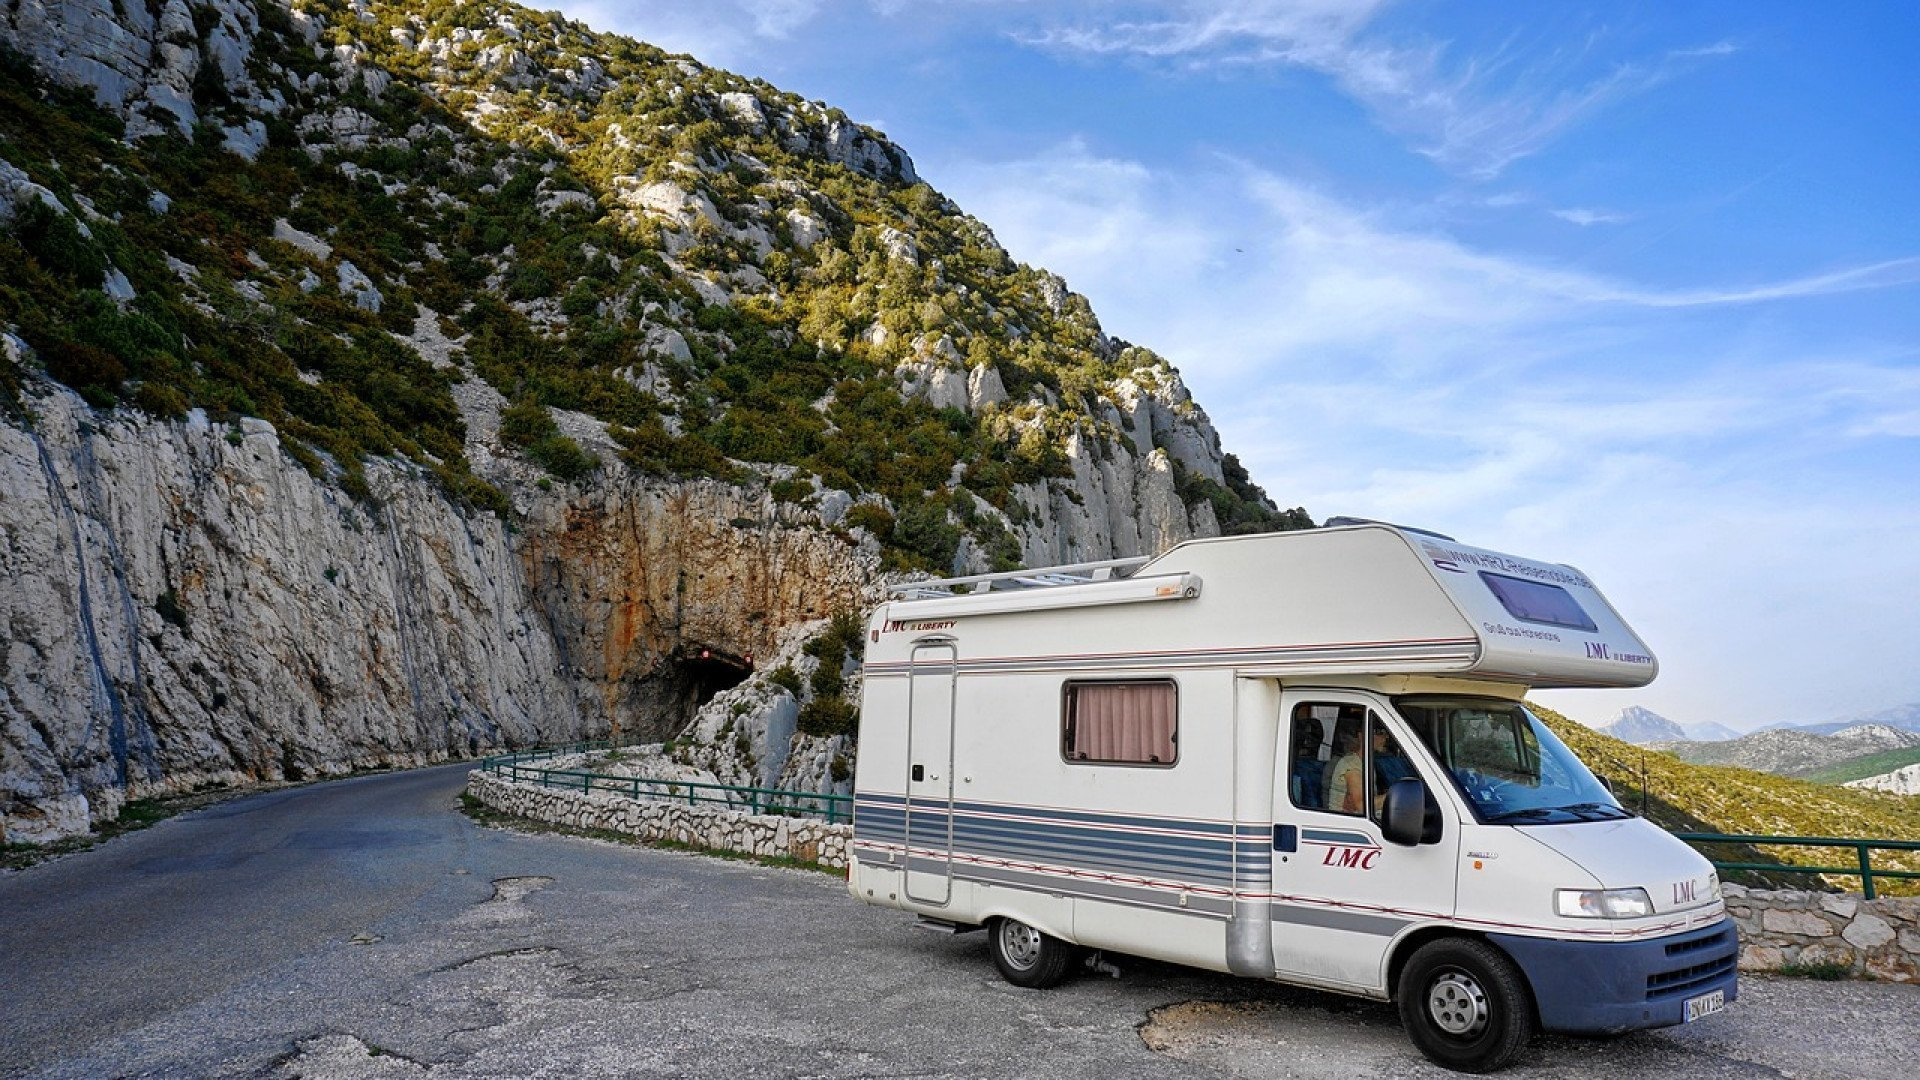 Vacances au camping, comment les préparer intelligemment ? 21